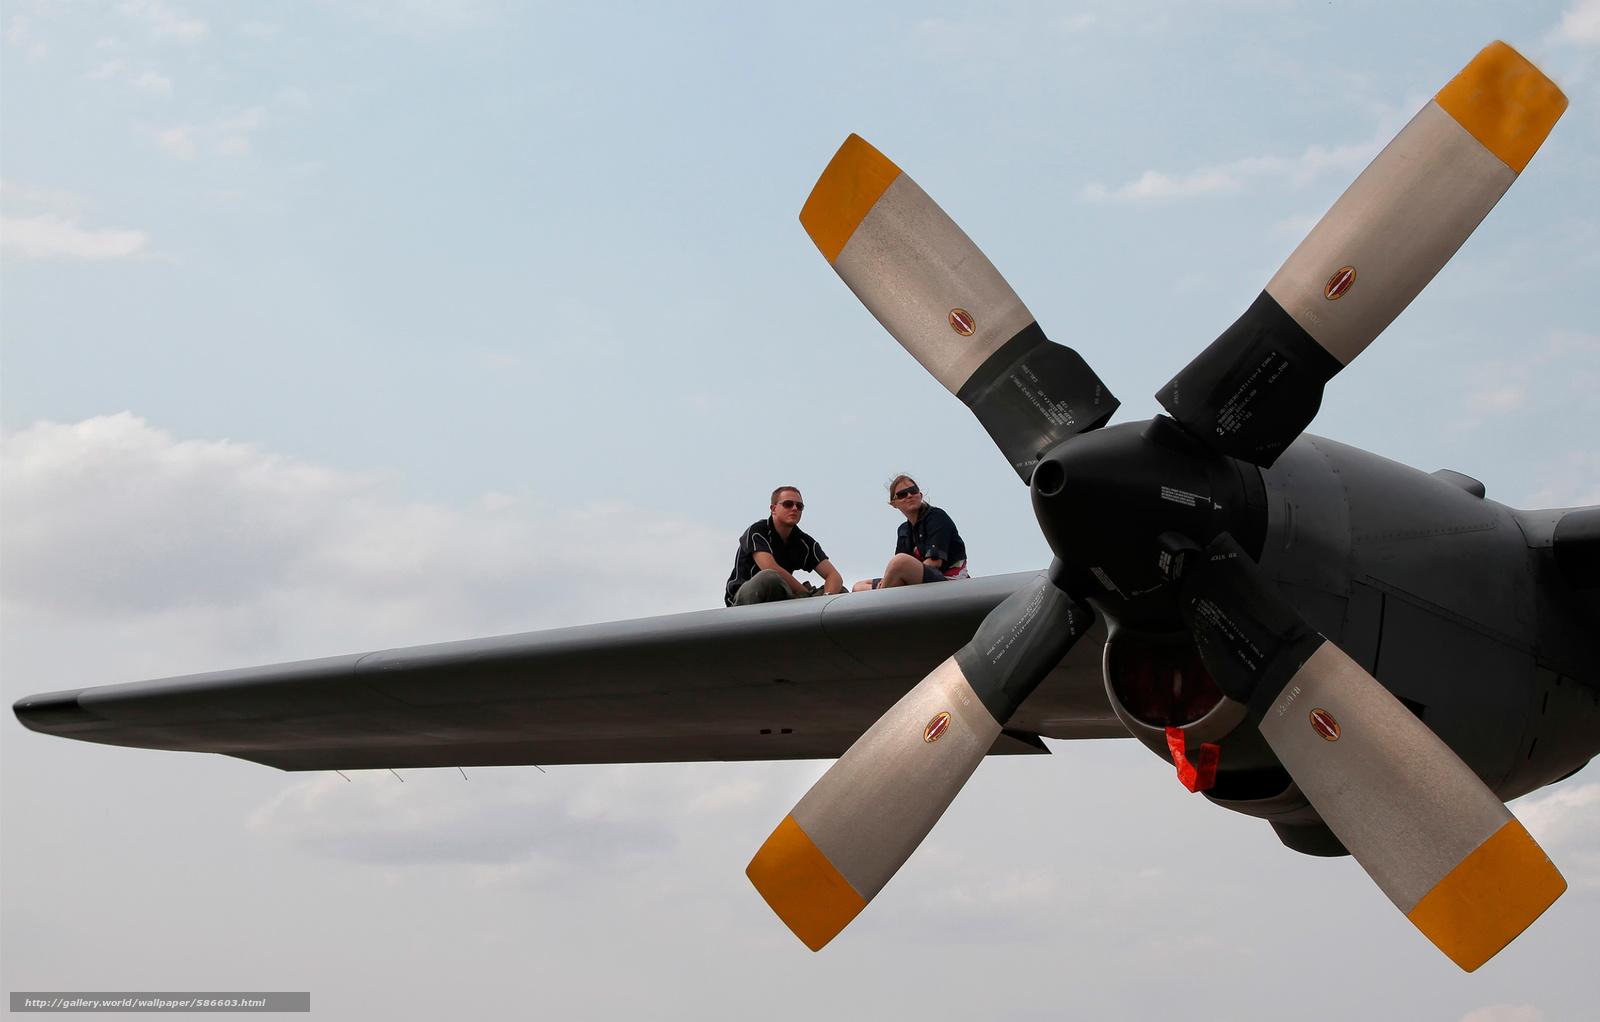 Скачать обои самолёт,  девушка,  парень,  крыло бесплатно для рабочего стола в разрешении 2500x1597 — картинка №586603